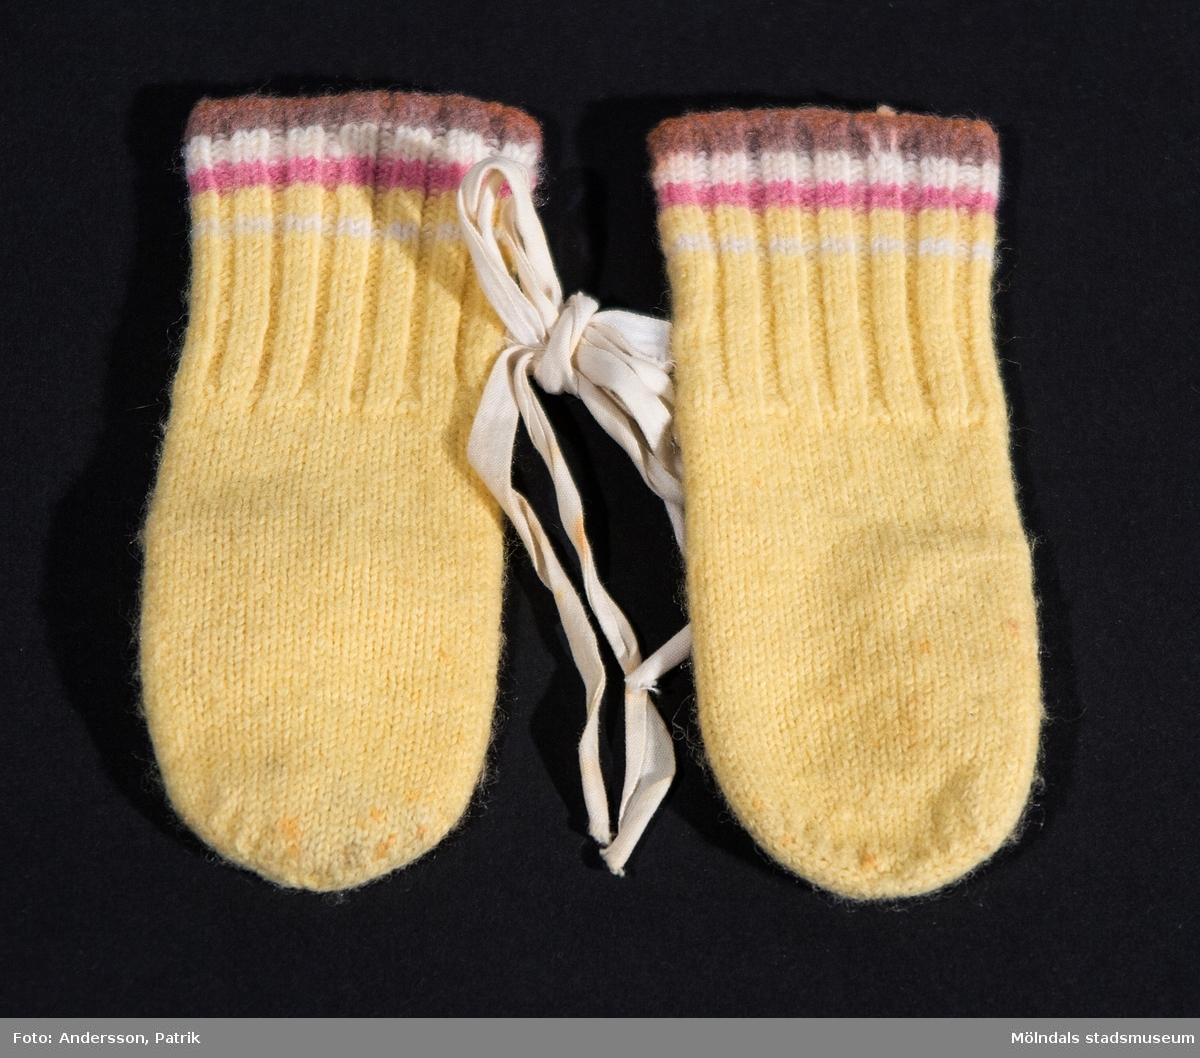 1 par barnvantar från 1967 som Karin ärvde från sin kusin. Karin använde dessa under sin spädbarnstid, 1978.  Vanten är benvit med ljusrosa, vit och brun rand vid handleden. Det finns ett vitt bomullsband fastsydd på varje vante som gör att man kan knyta ihop dom.